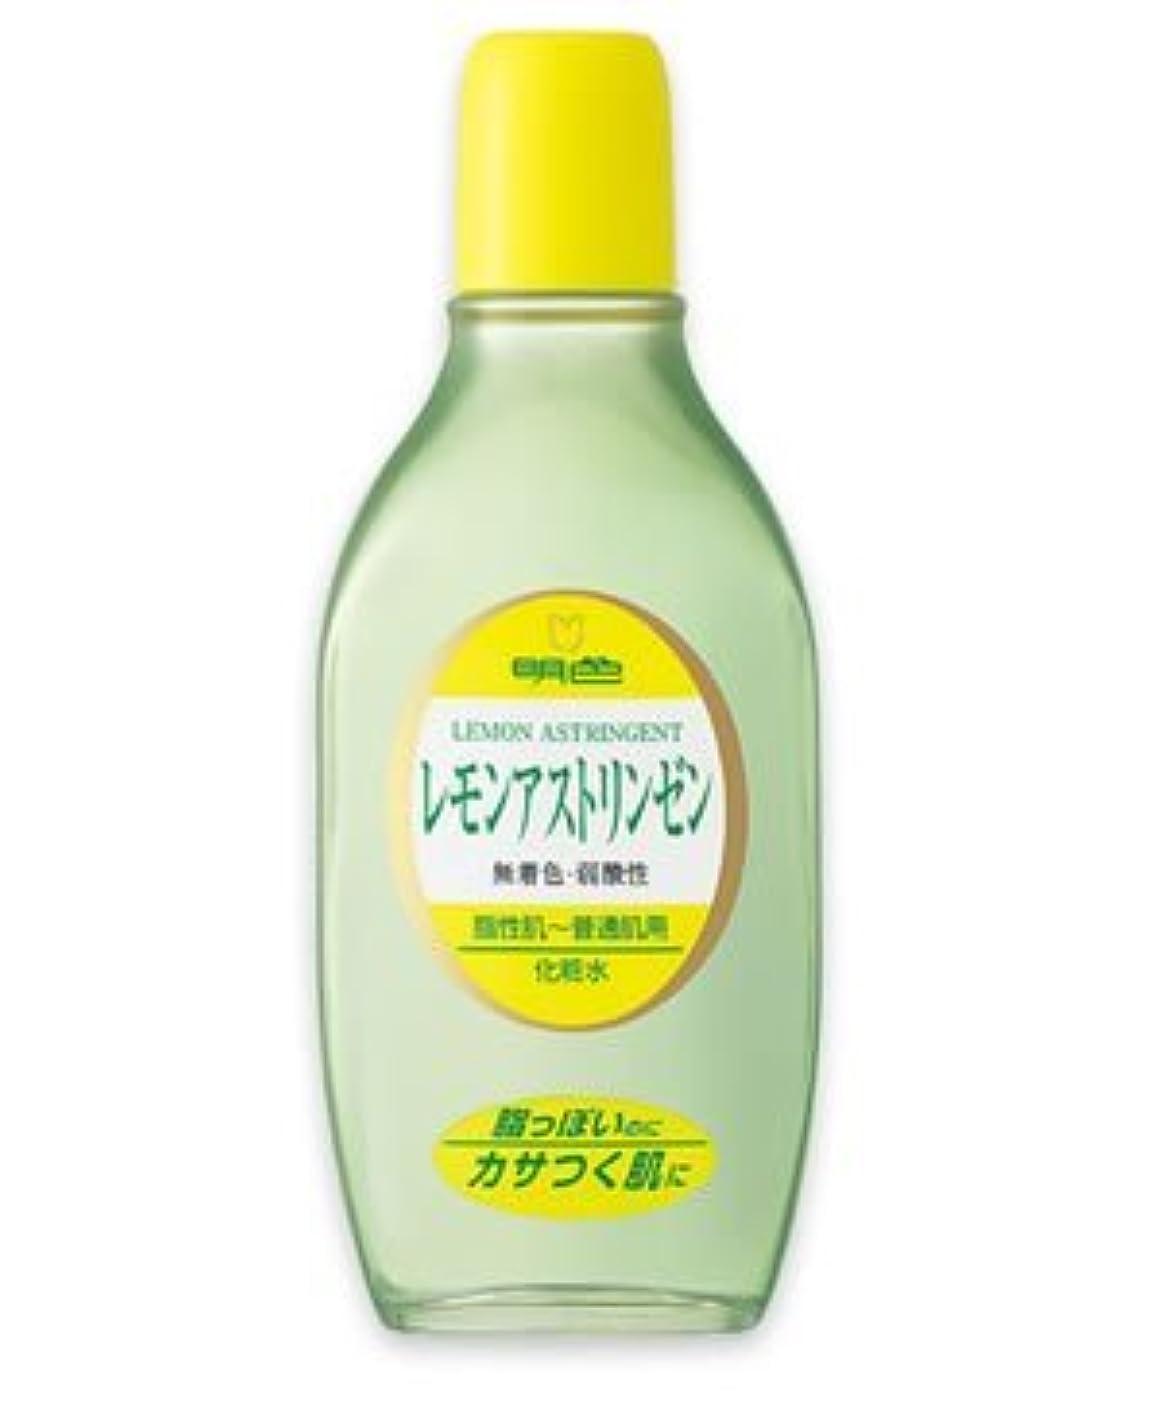 スライムビリーヤギベイビー(明色)レモンアストリンゼン 170ml(お買い得3本セット)